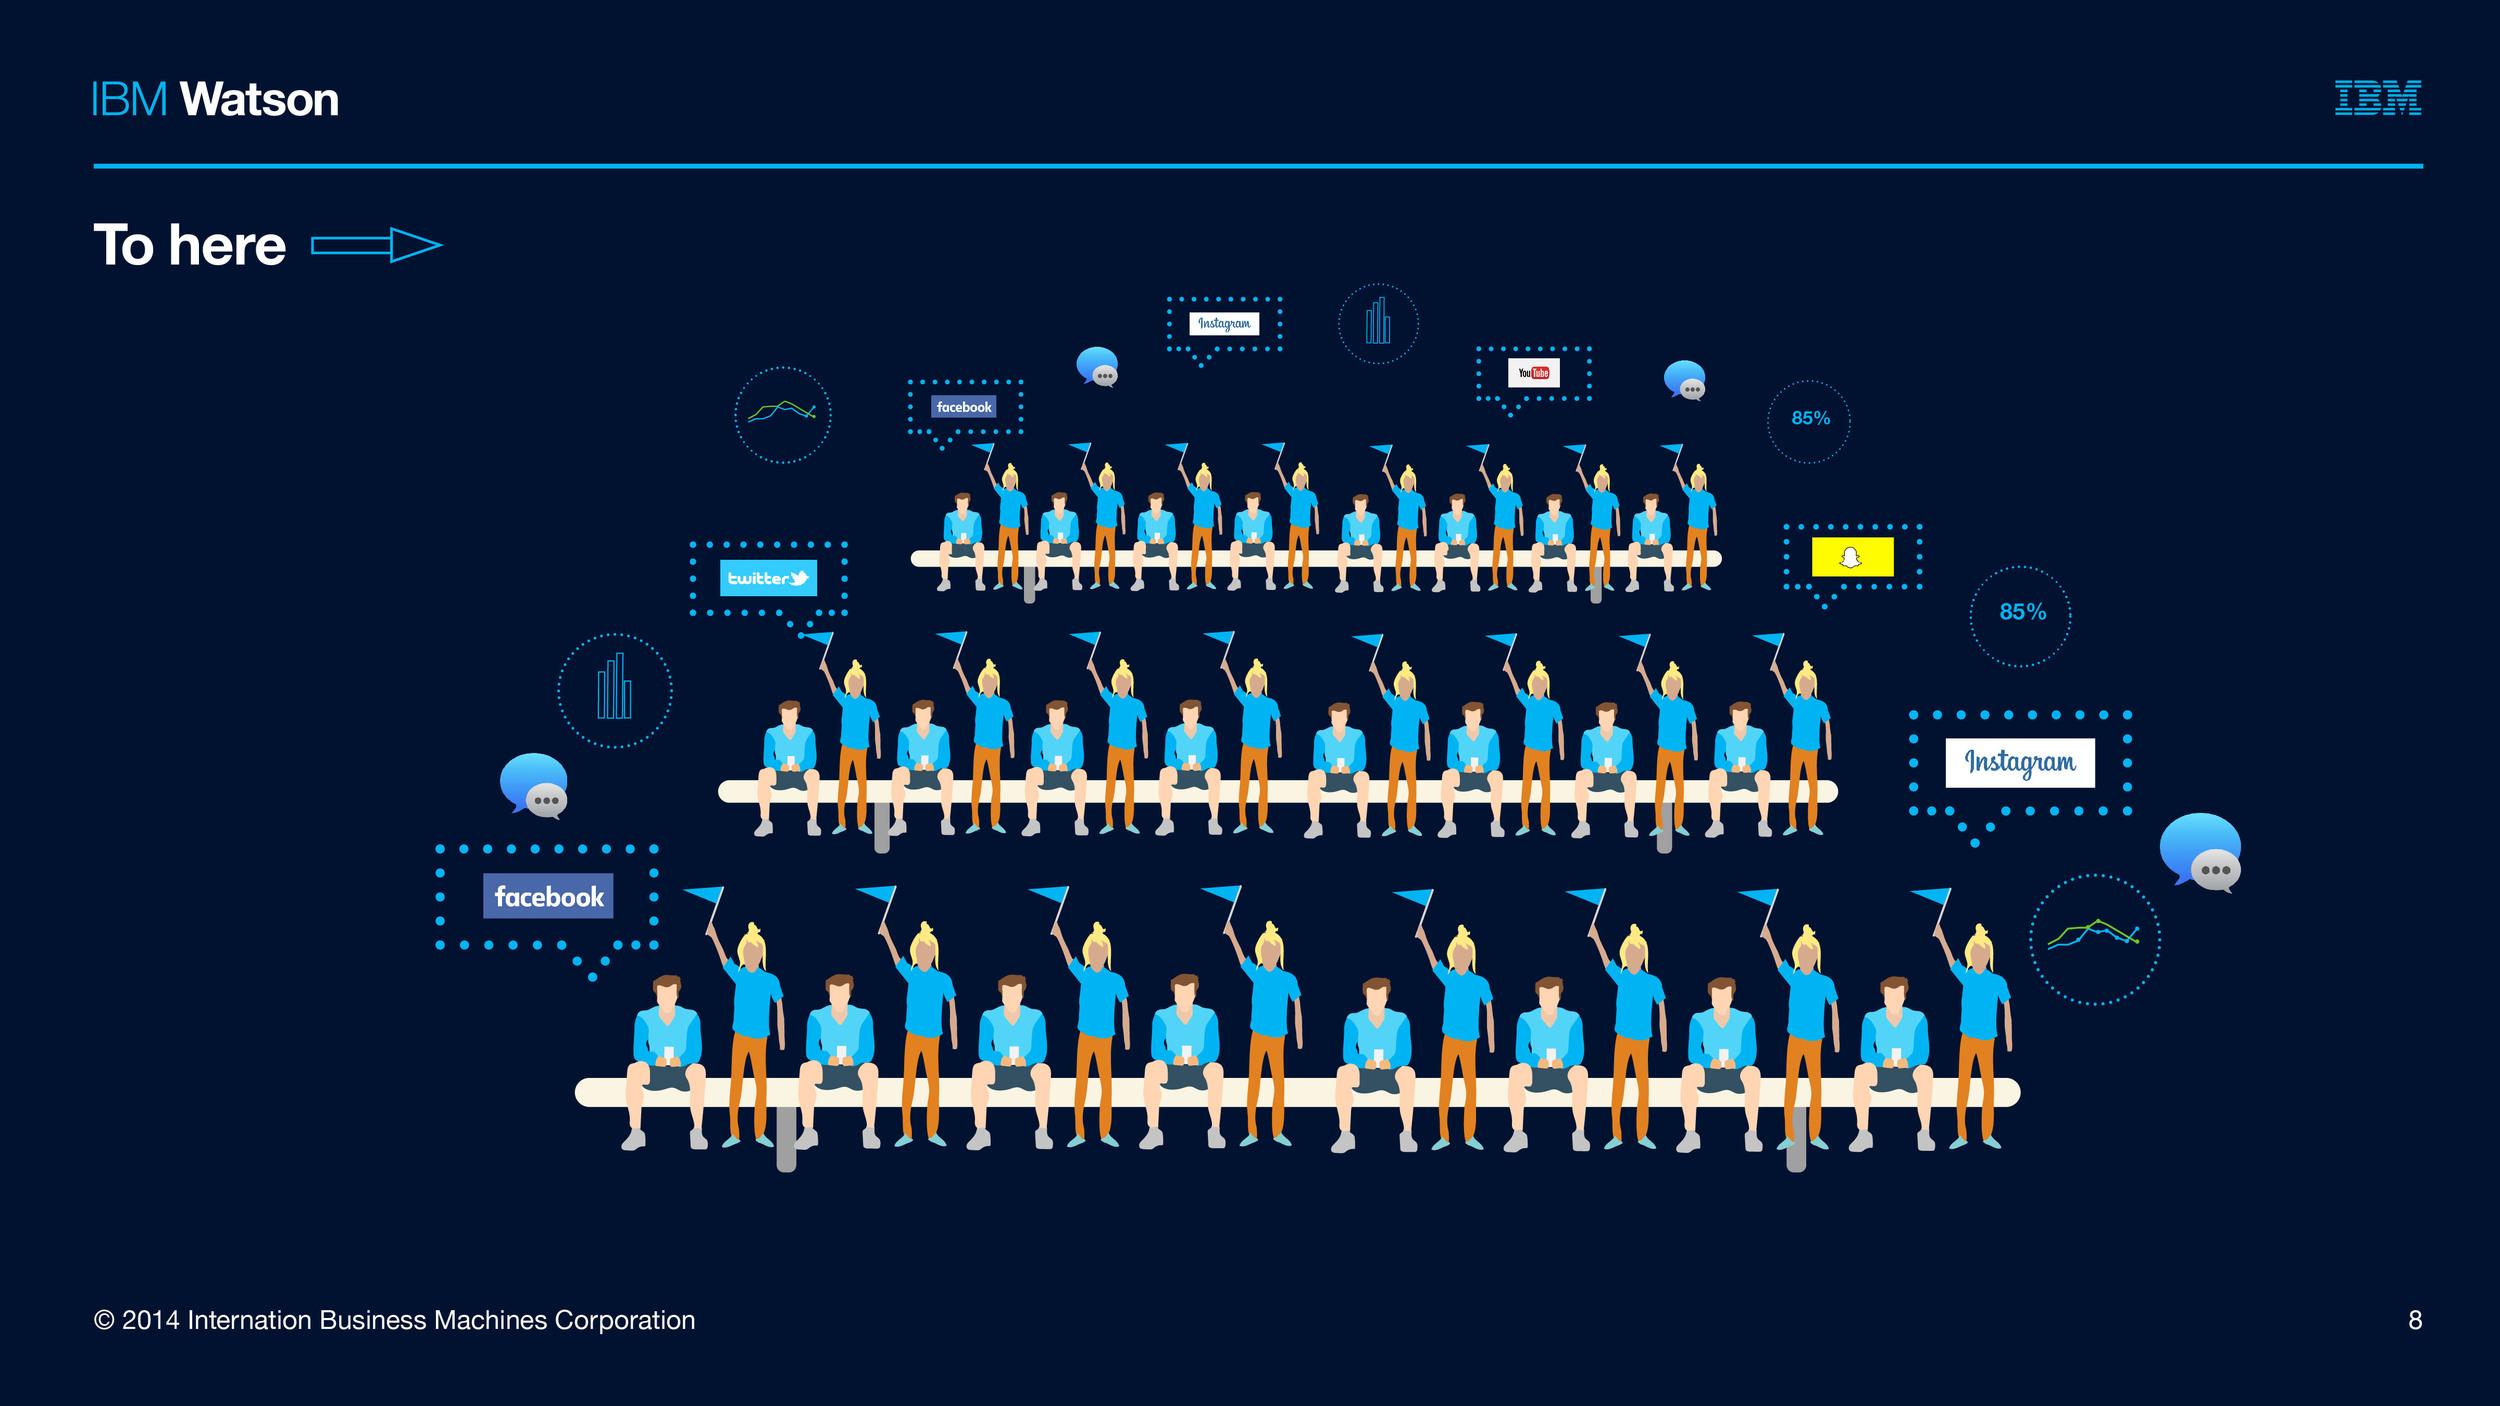 IBM_R1-08.jpg